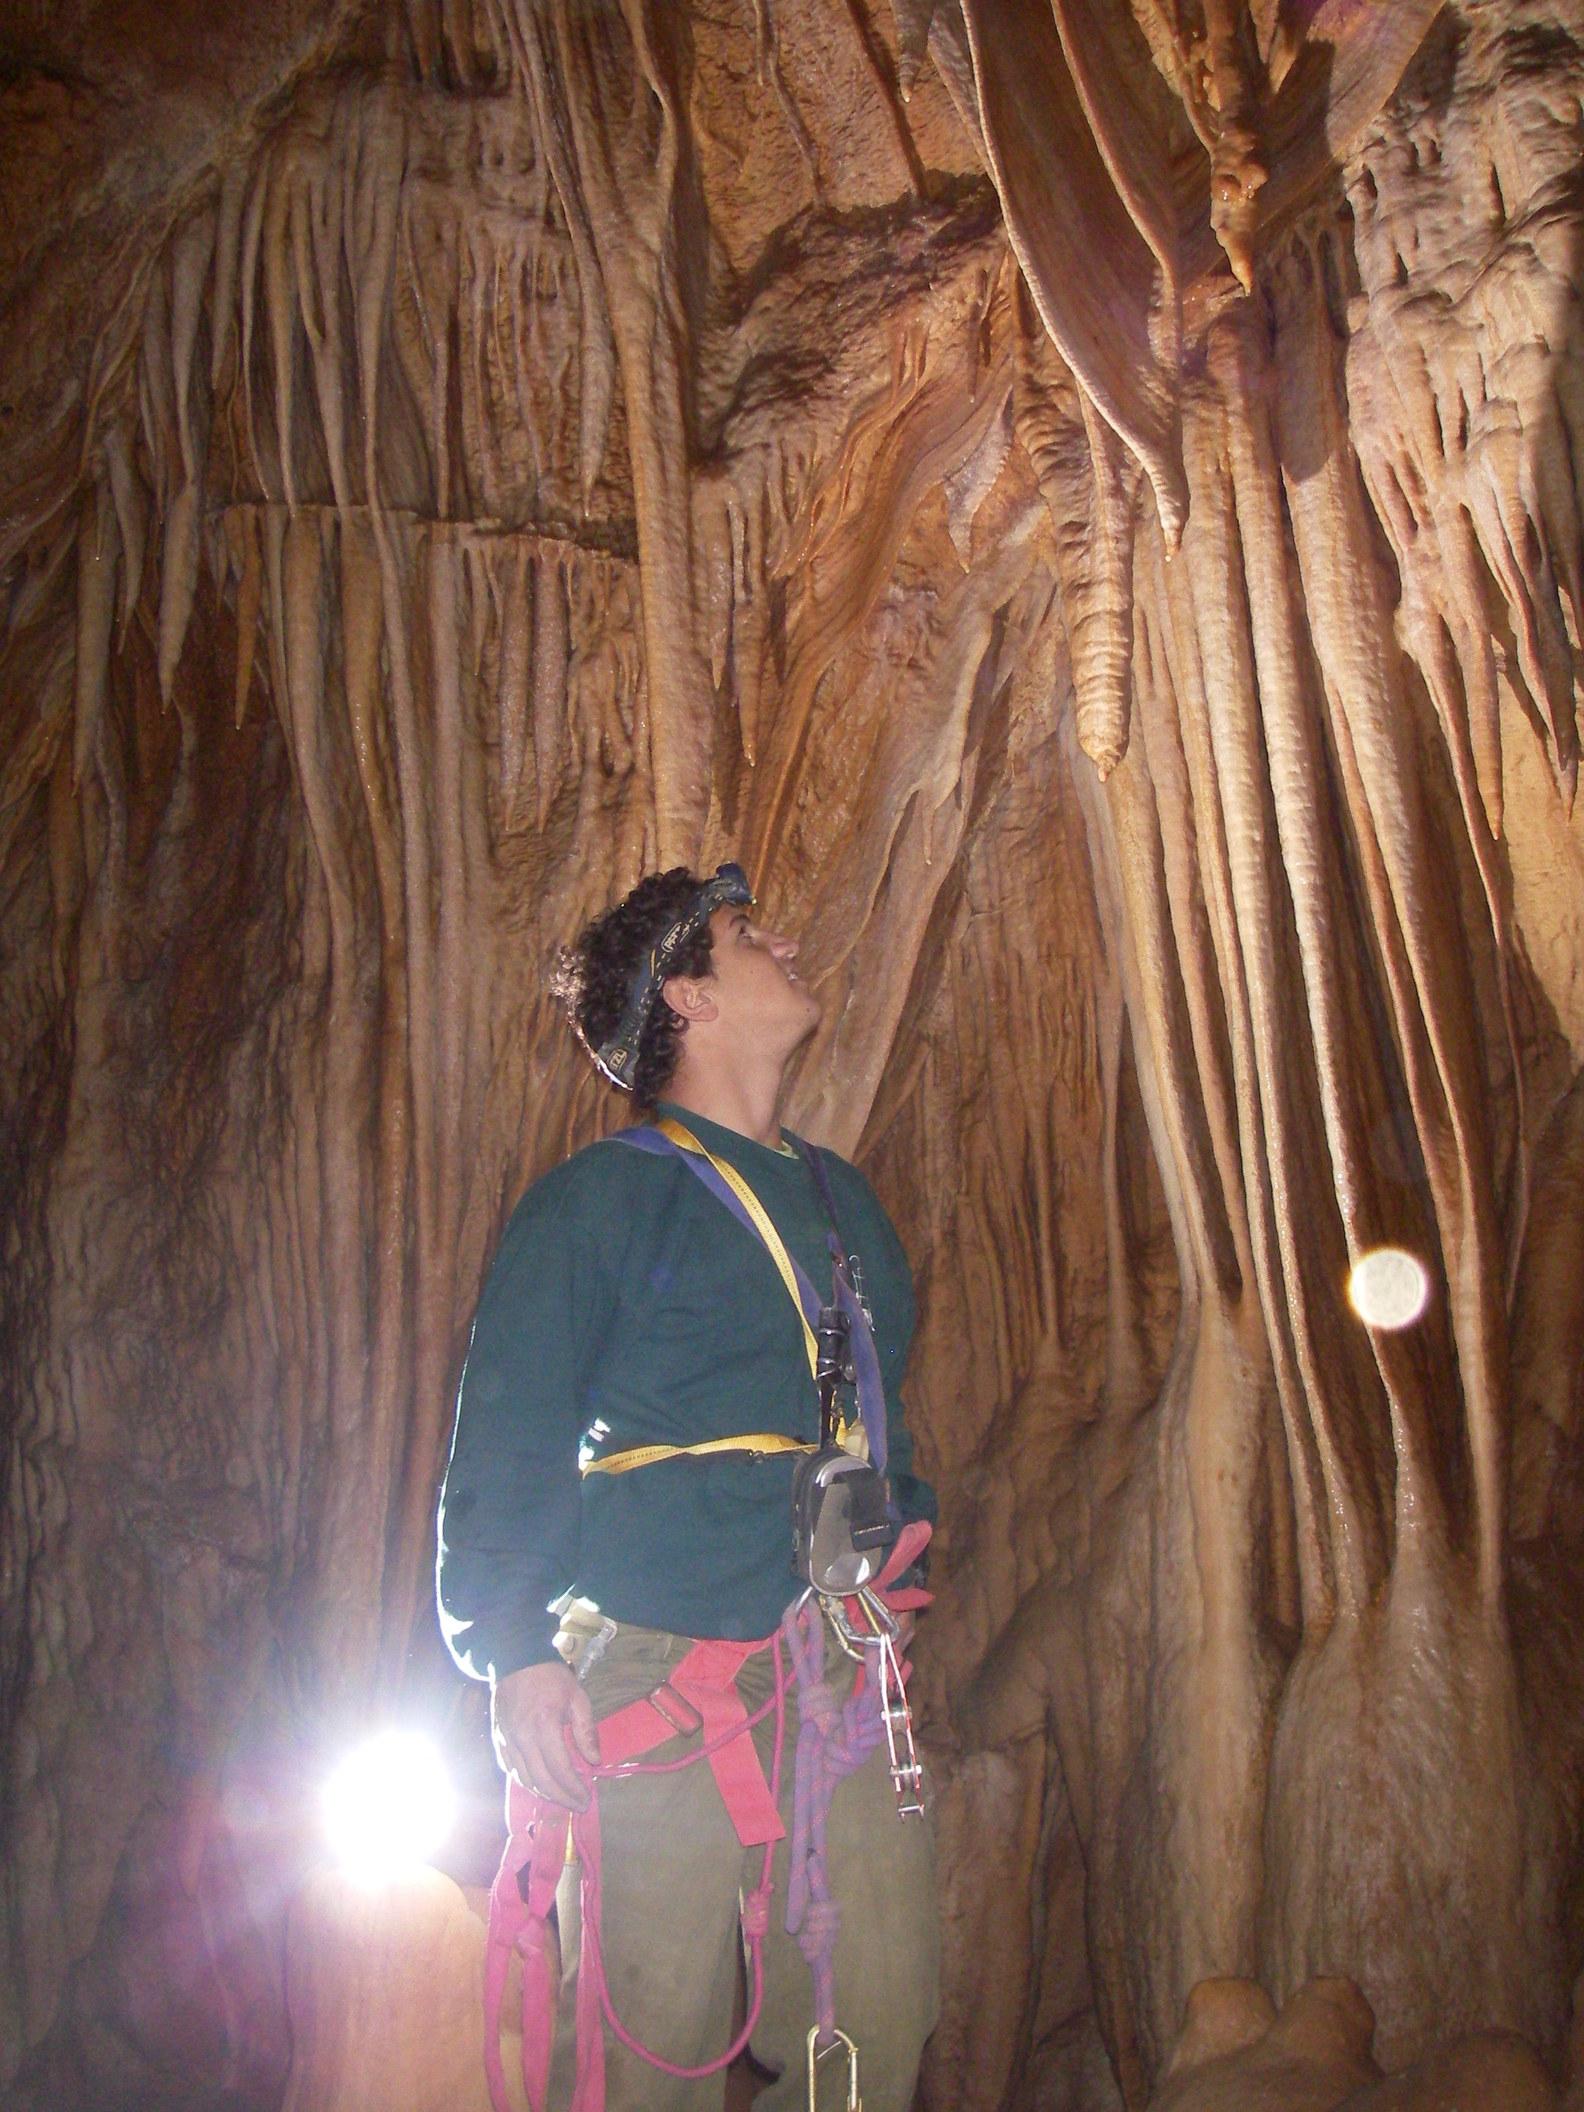 בתחתית המערה